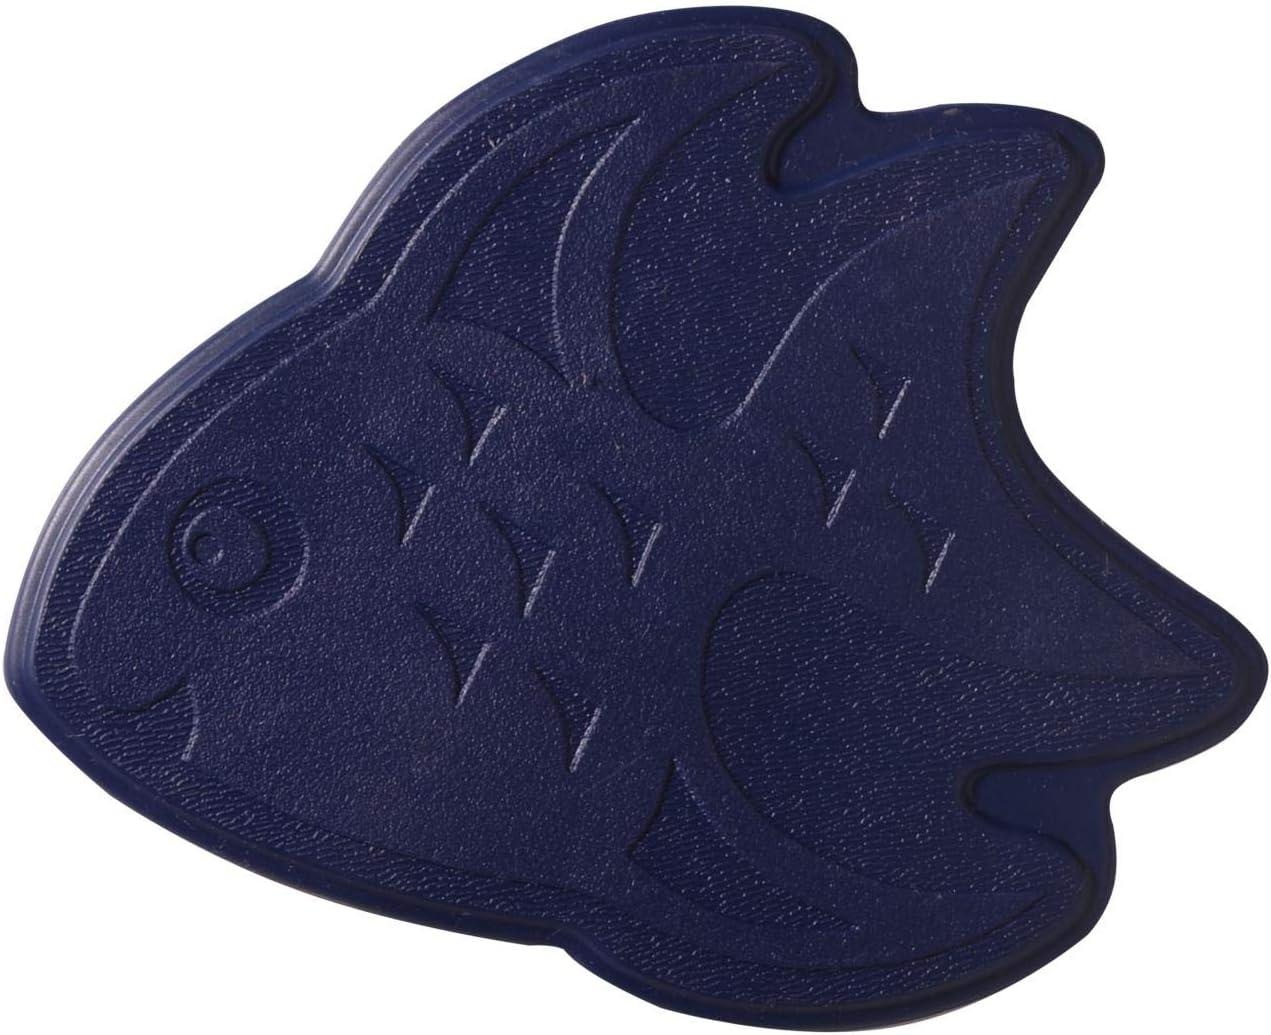 und Wanneneinlage XXS Fische ultramarinblau 13x11 cm RIDDER Mini Dusch